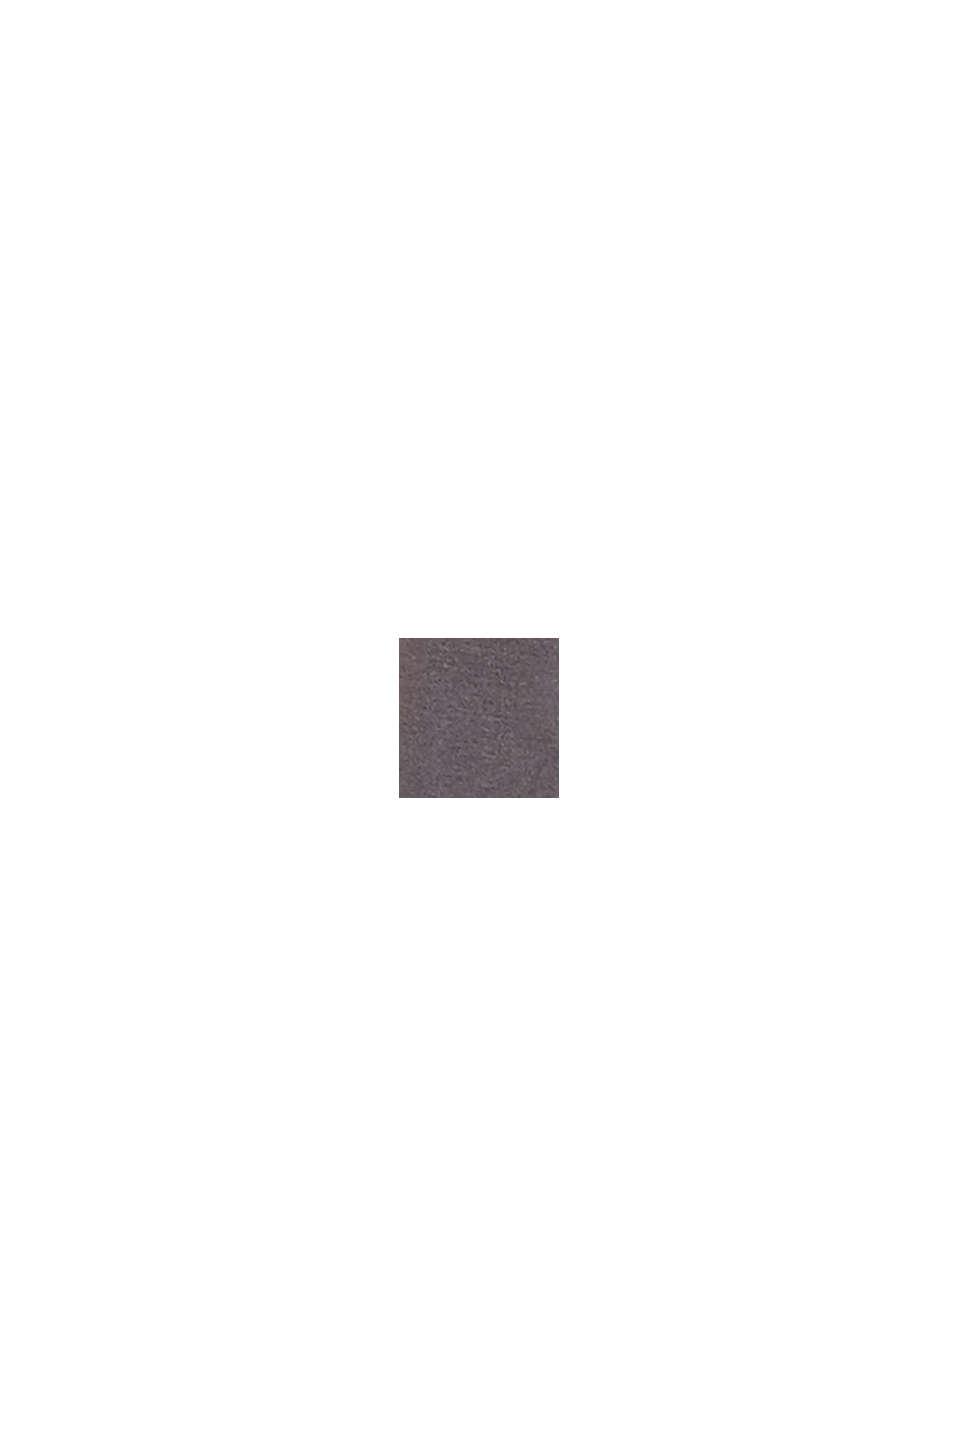 Collant coprenti in misto cotone, STONE GREY, swatch